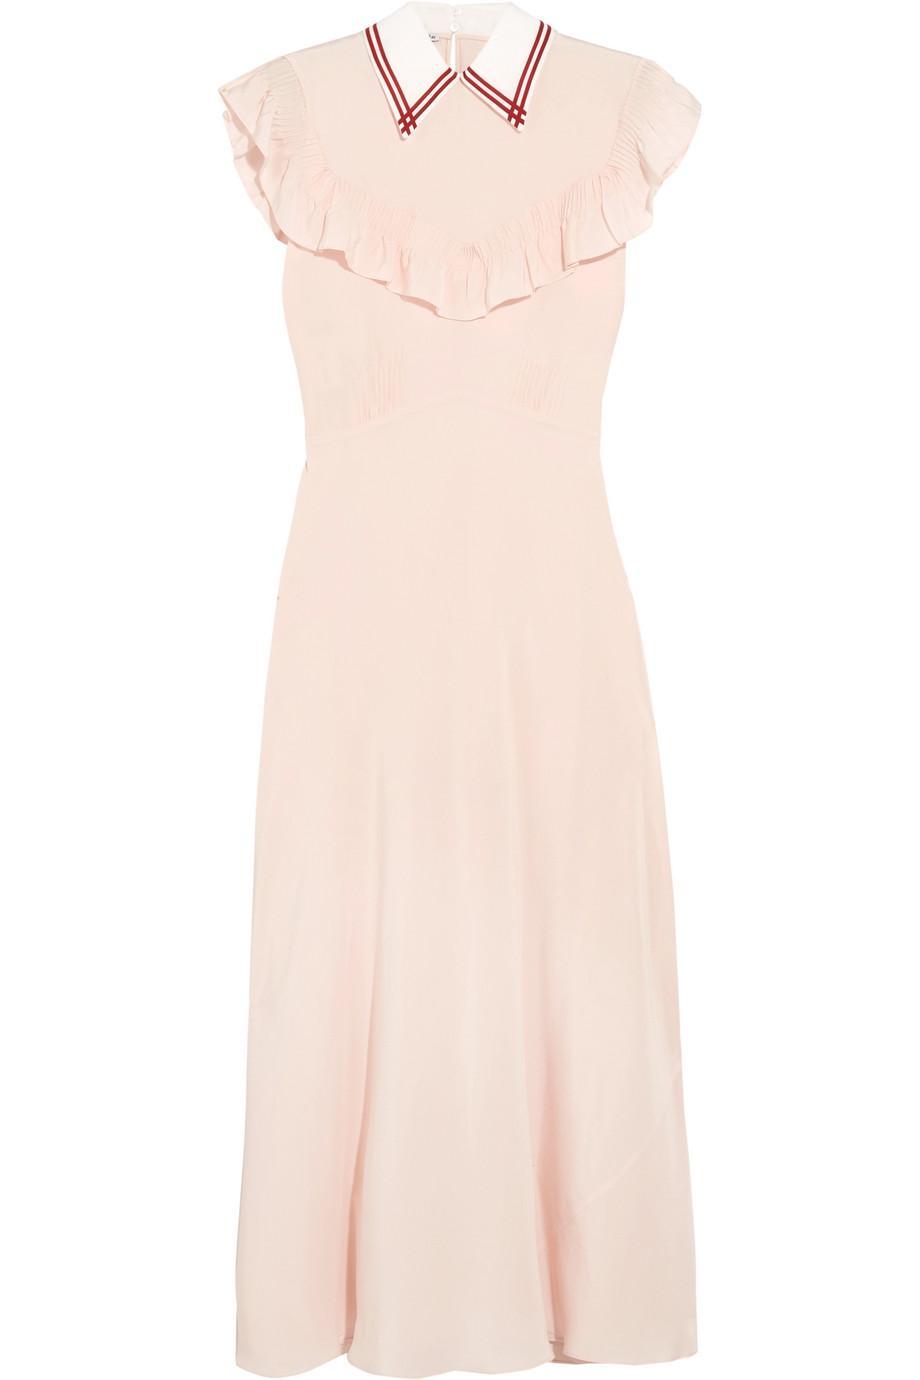 411f350b896 Lyst - Miu Miu Ruffled Silk Crepe De Chine Midi Dress in Pink